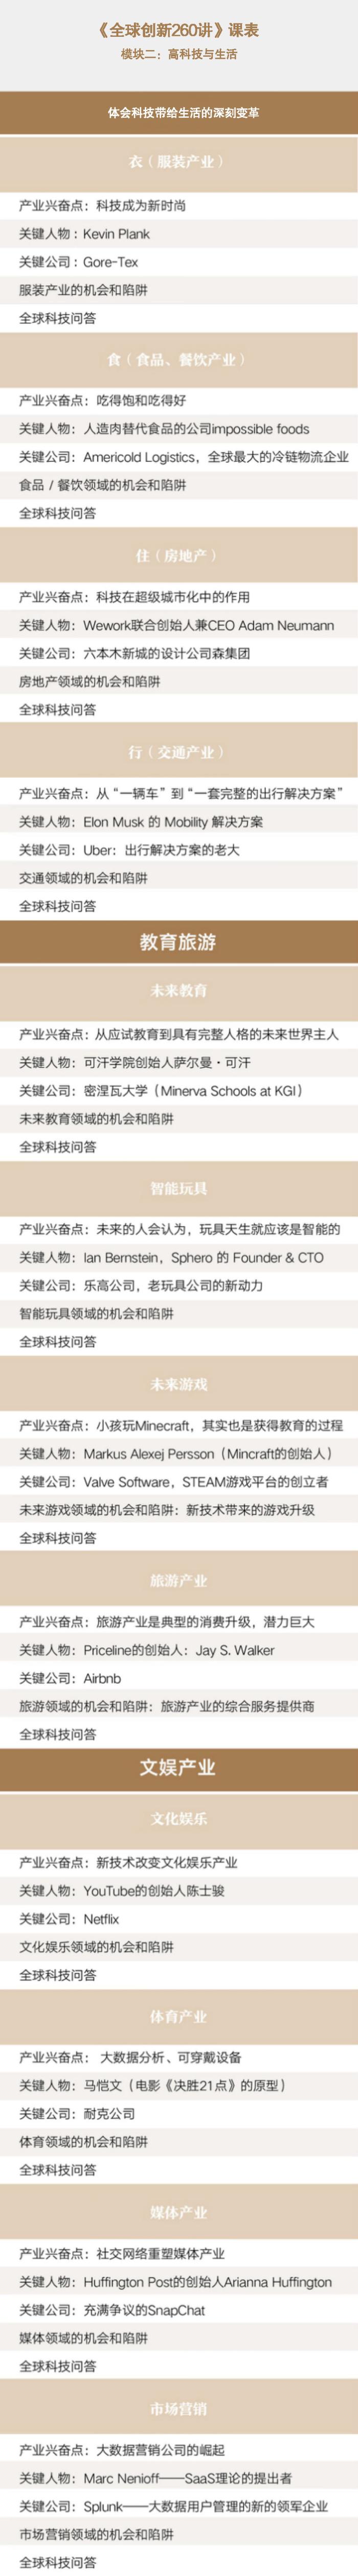 【赠】全球创新260讲 前哨·王煜全(第二季)